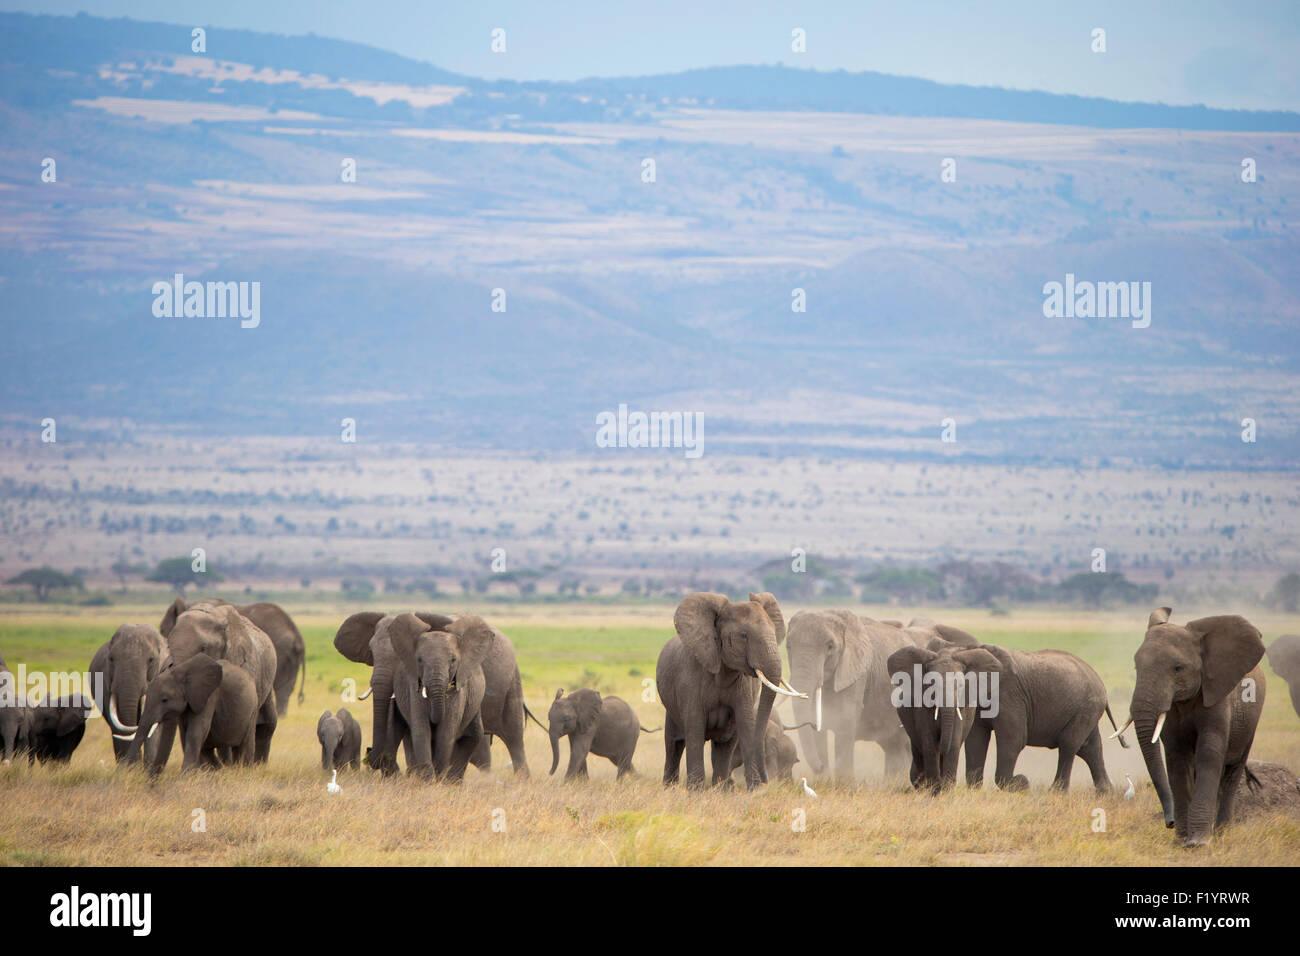 African Elephant (Loxodonta africana) Herd at Amboseli National Park Kenya - Stock Image